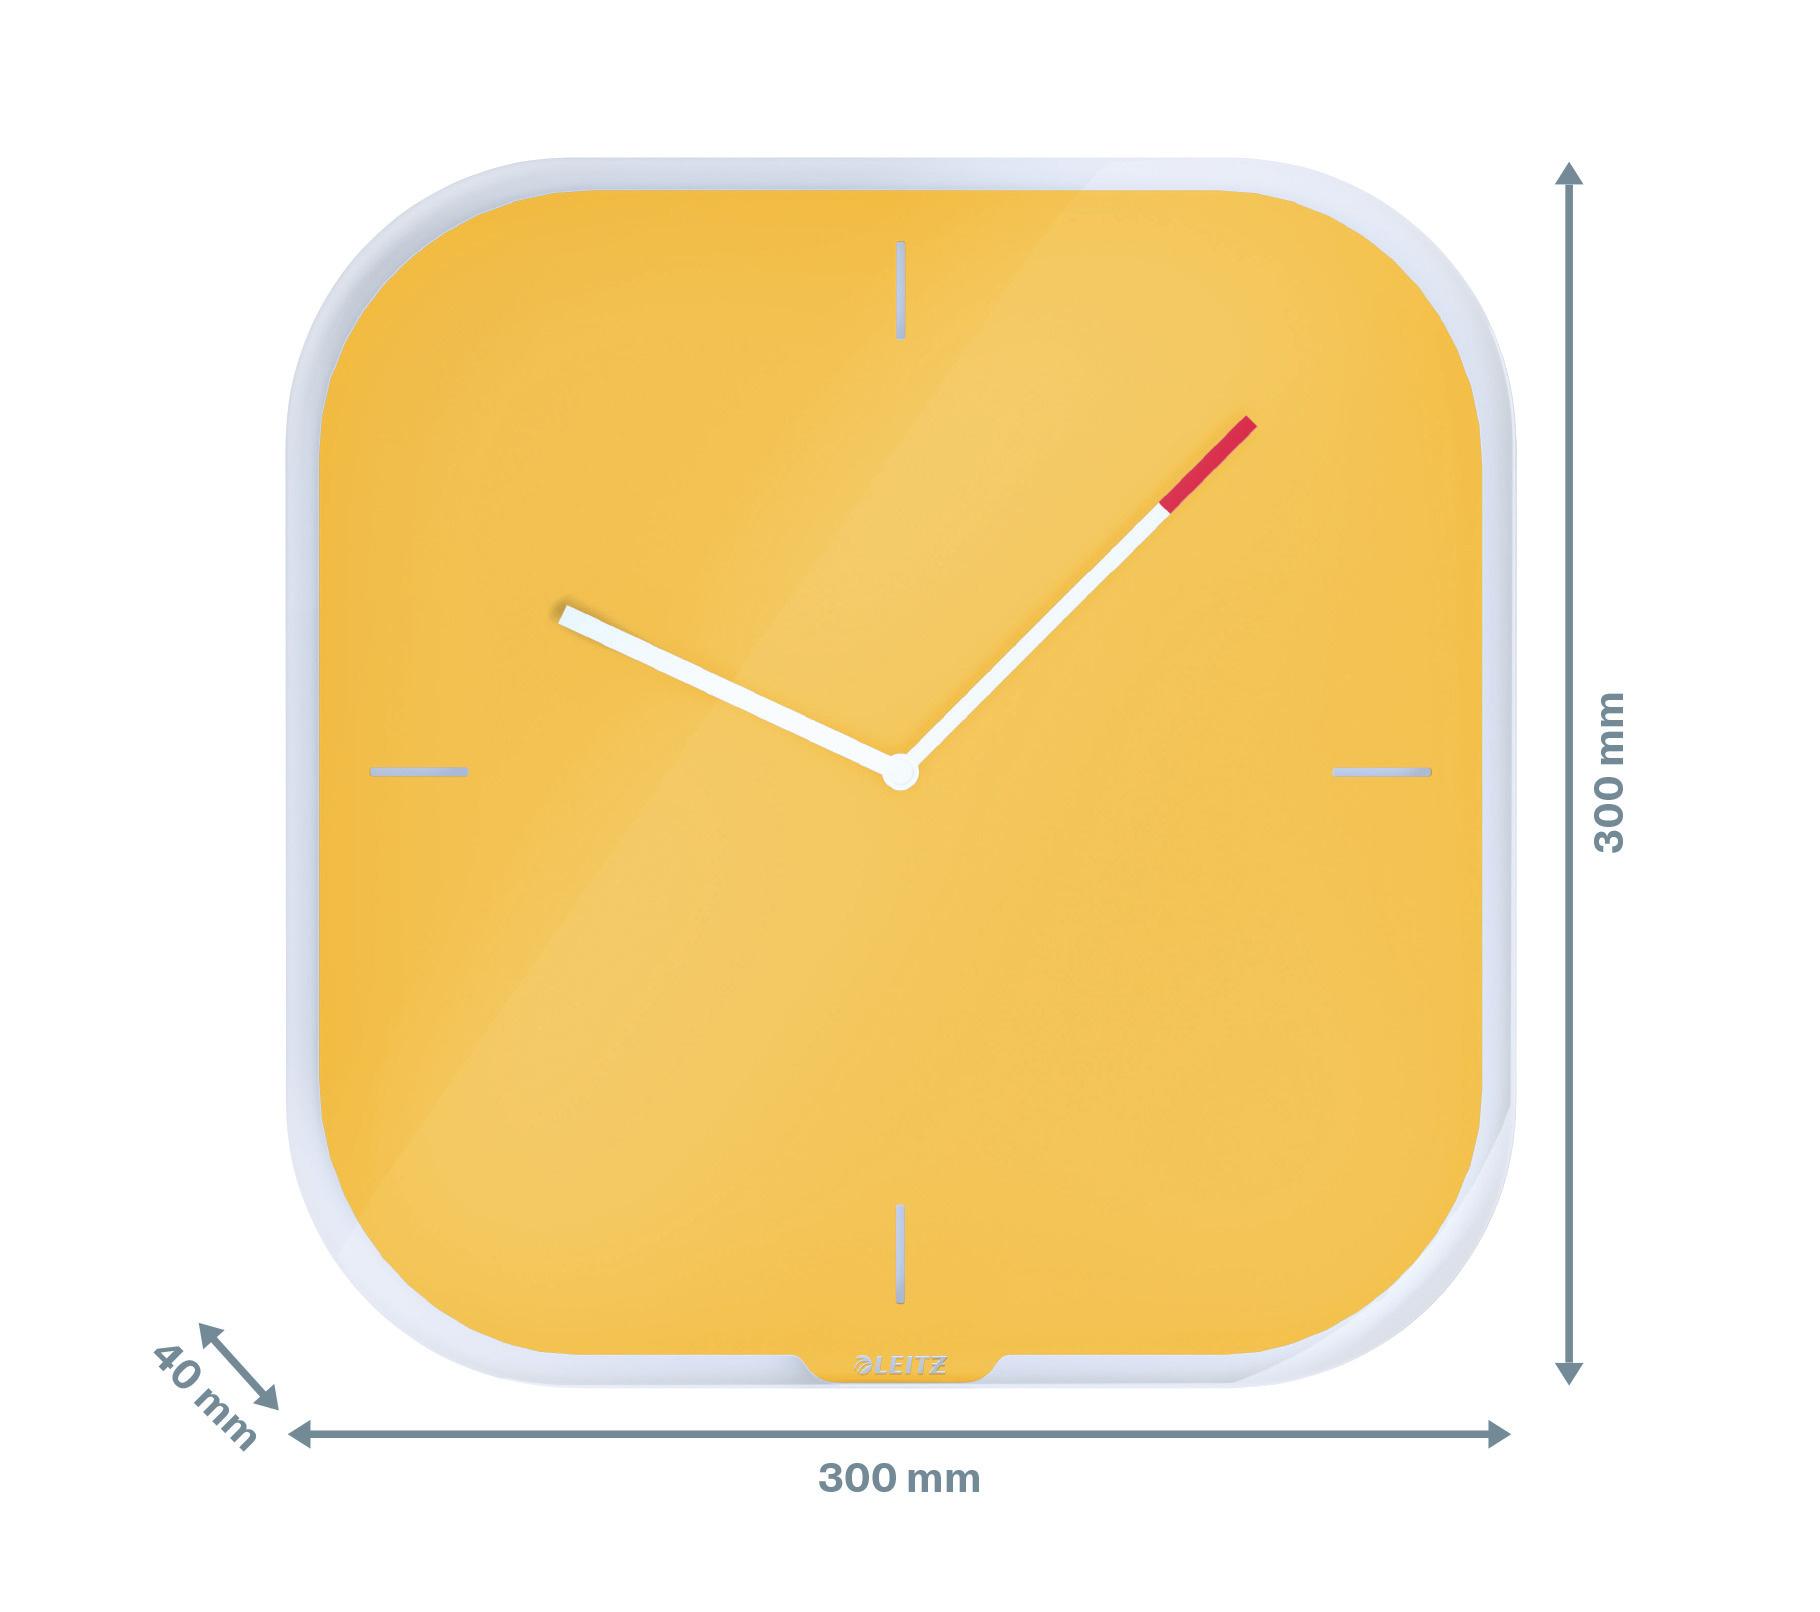 Часы настенные Cosy, квадратные, стекло, желт. LEITZ - фото 8